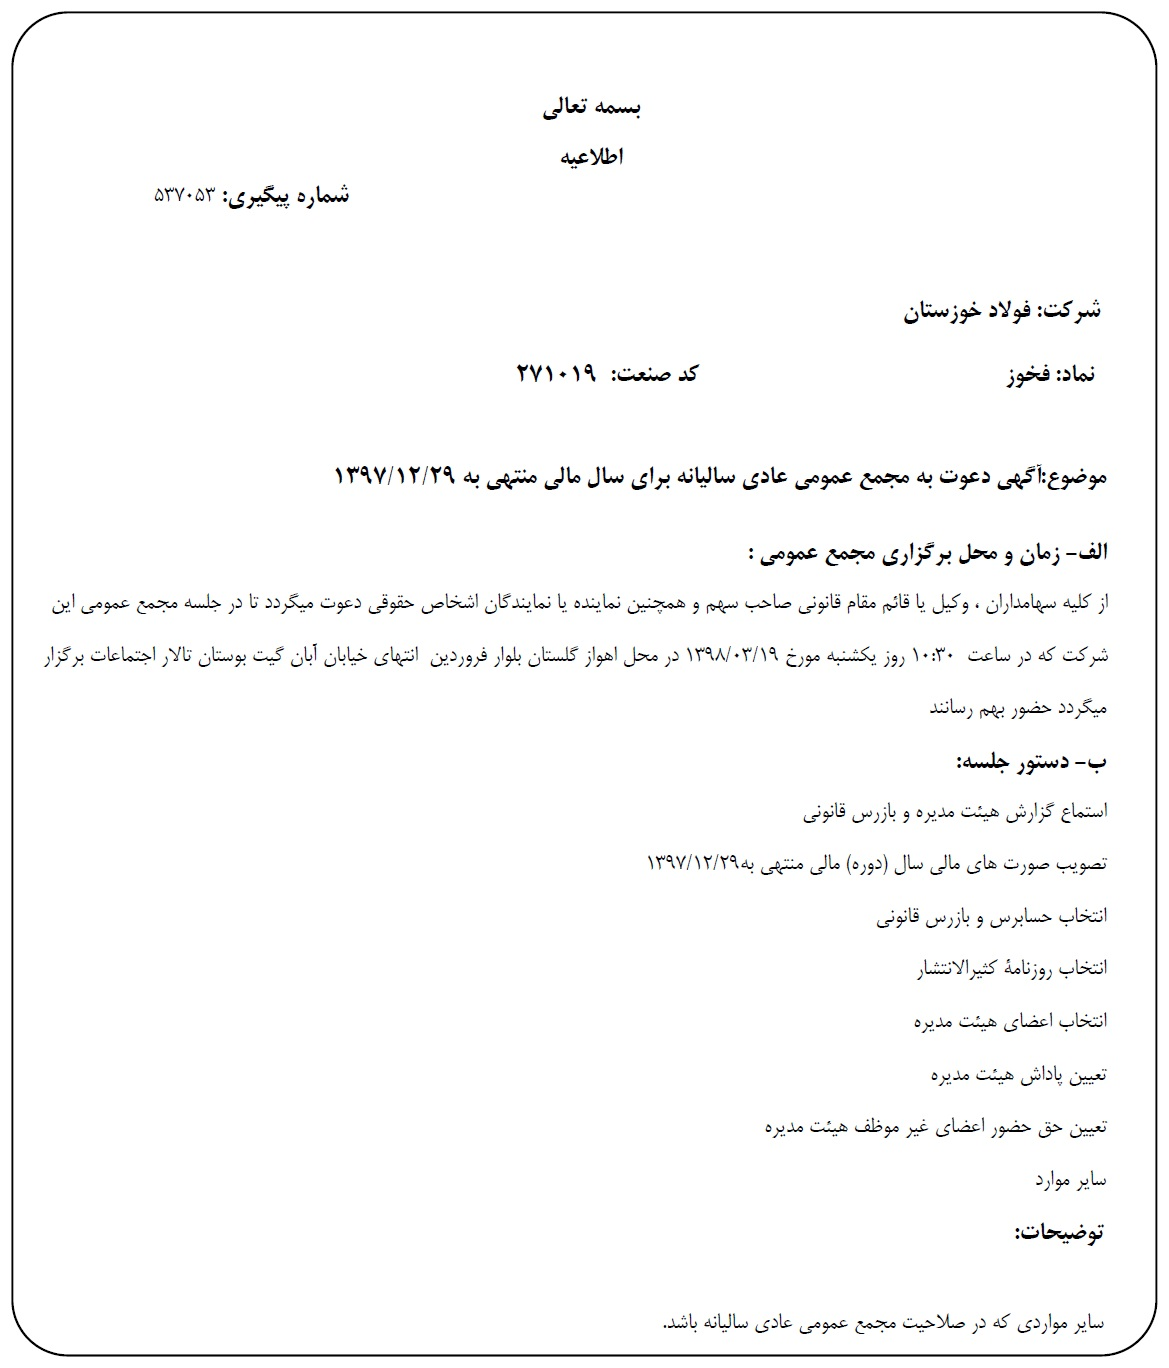 مجتمع فولاد خوزستان 19 خرداد مجمع برگزار می کند